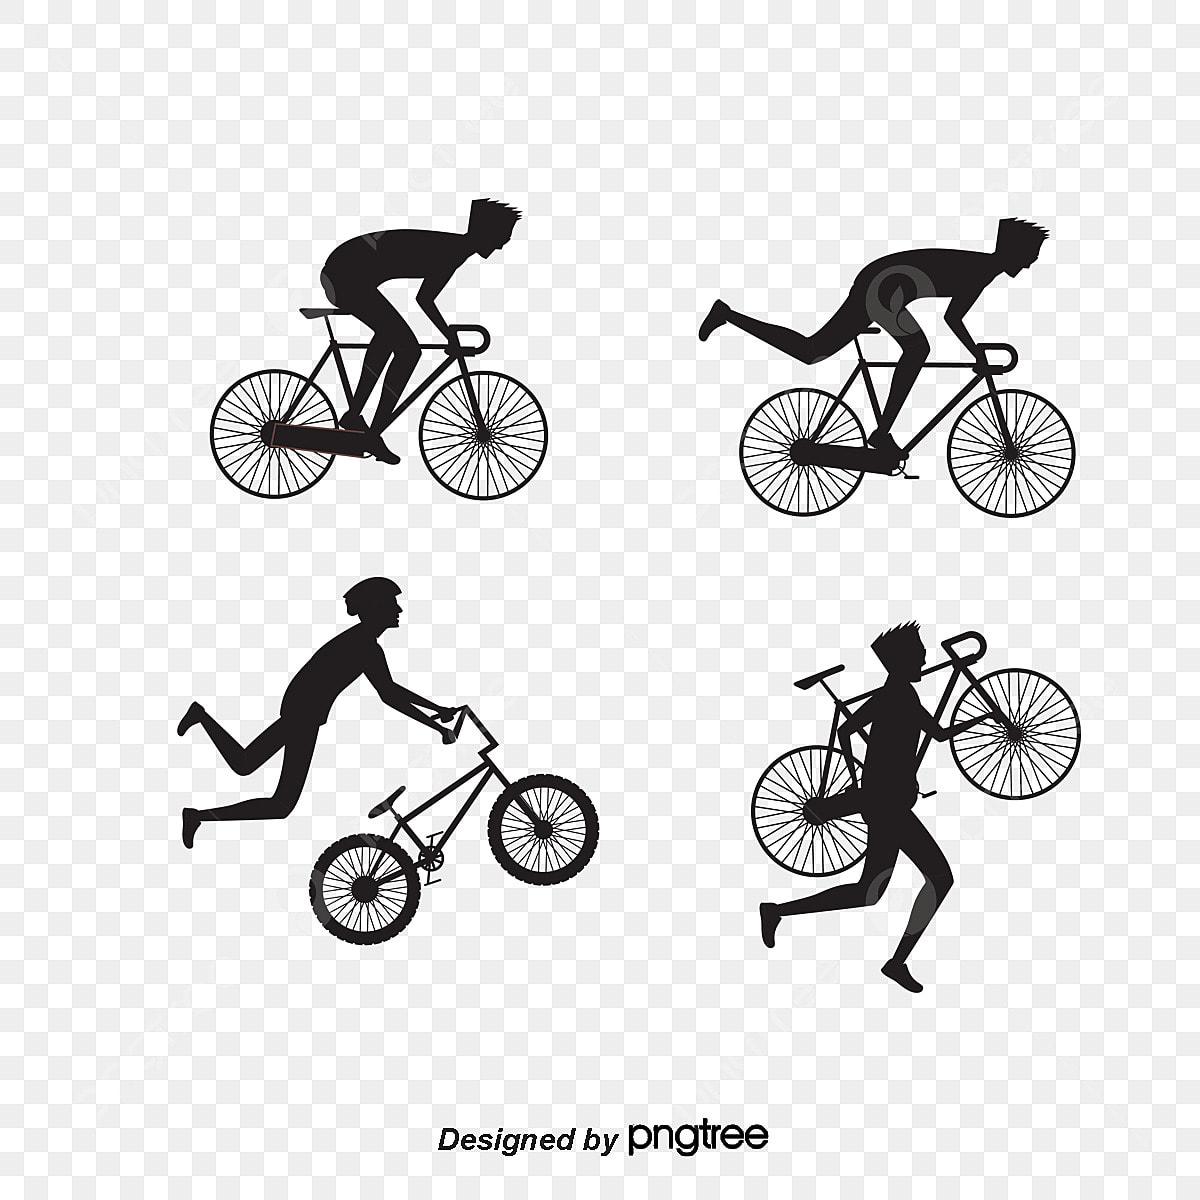 Il Vettore Di Ciclista La Bicicletta Persone La Silhouette Png E